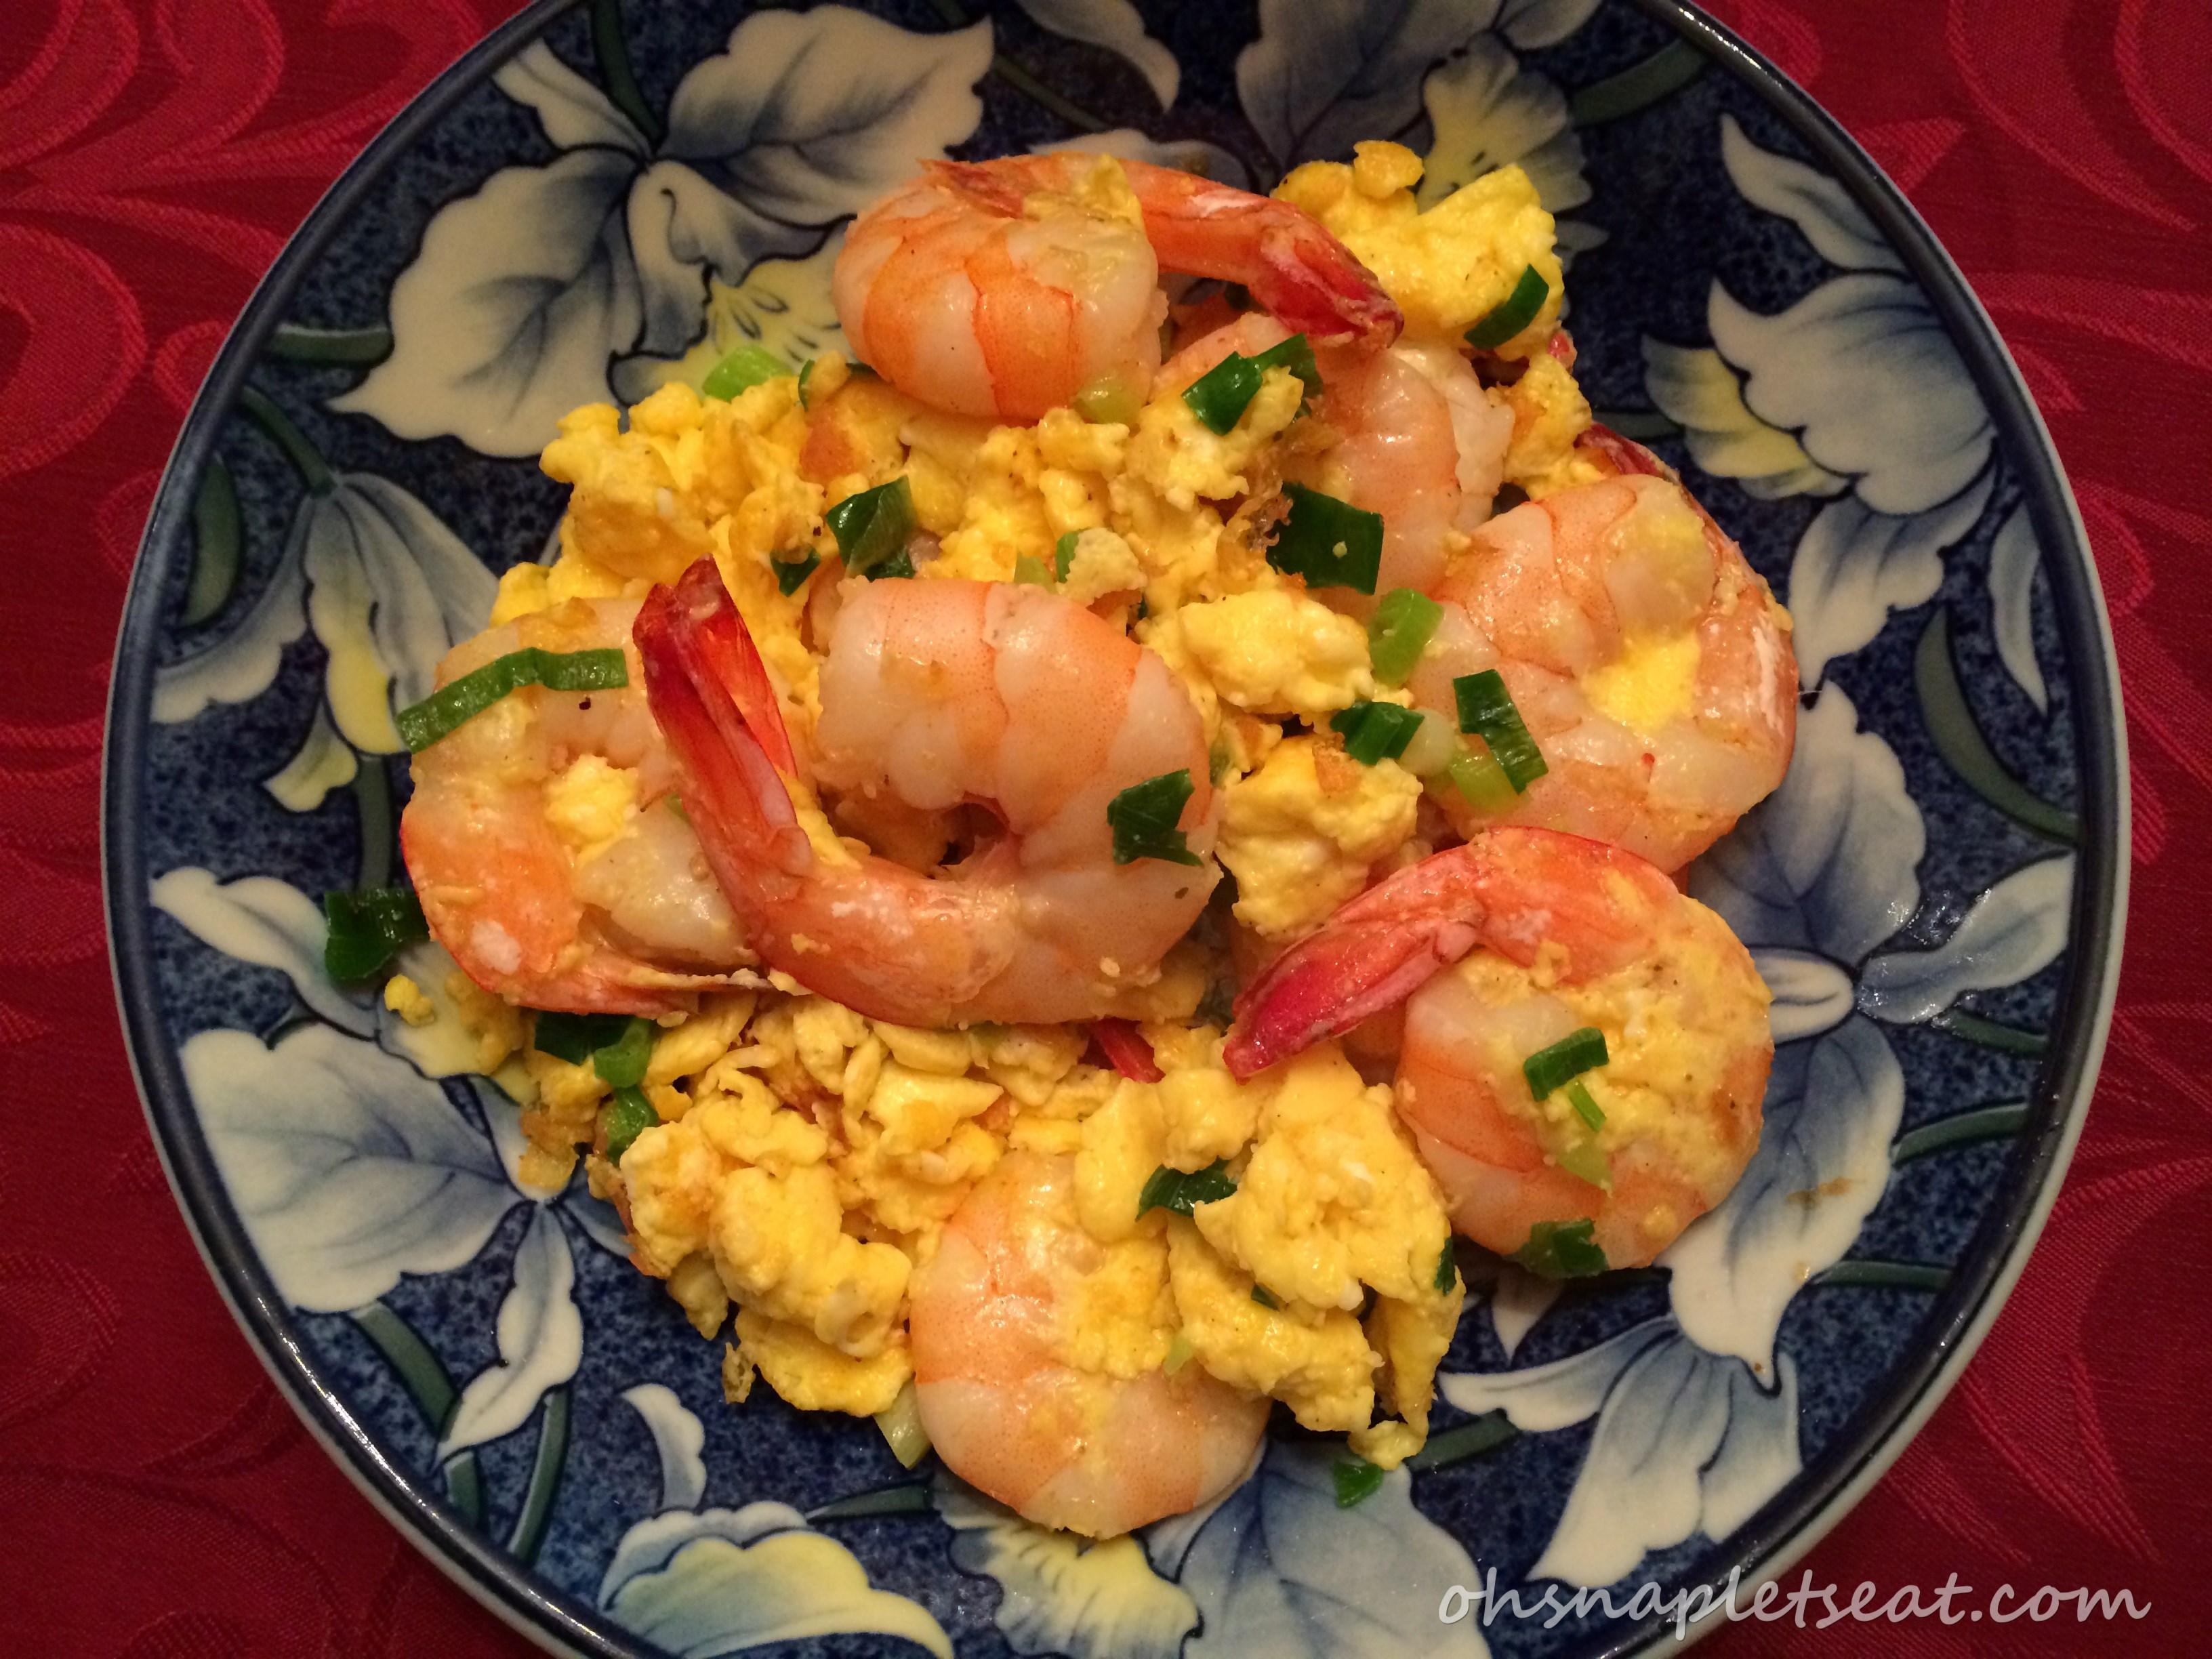 stir fry shrimp and eggs